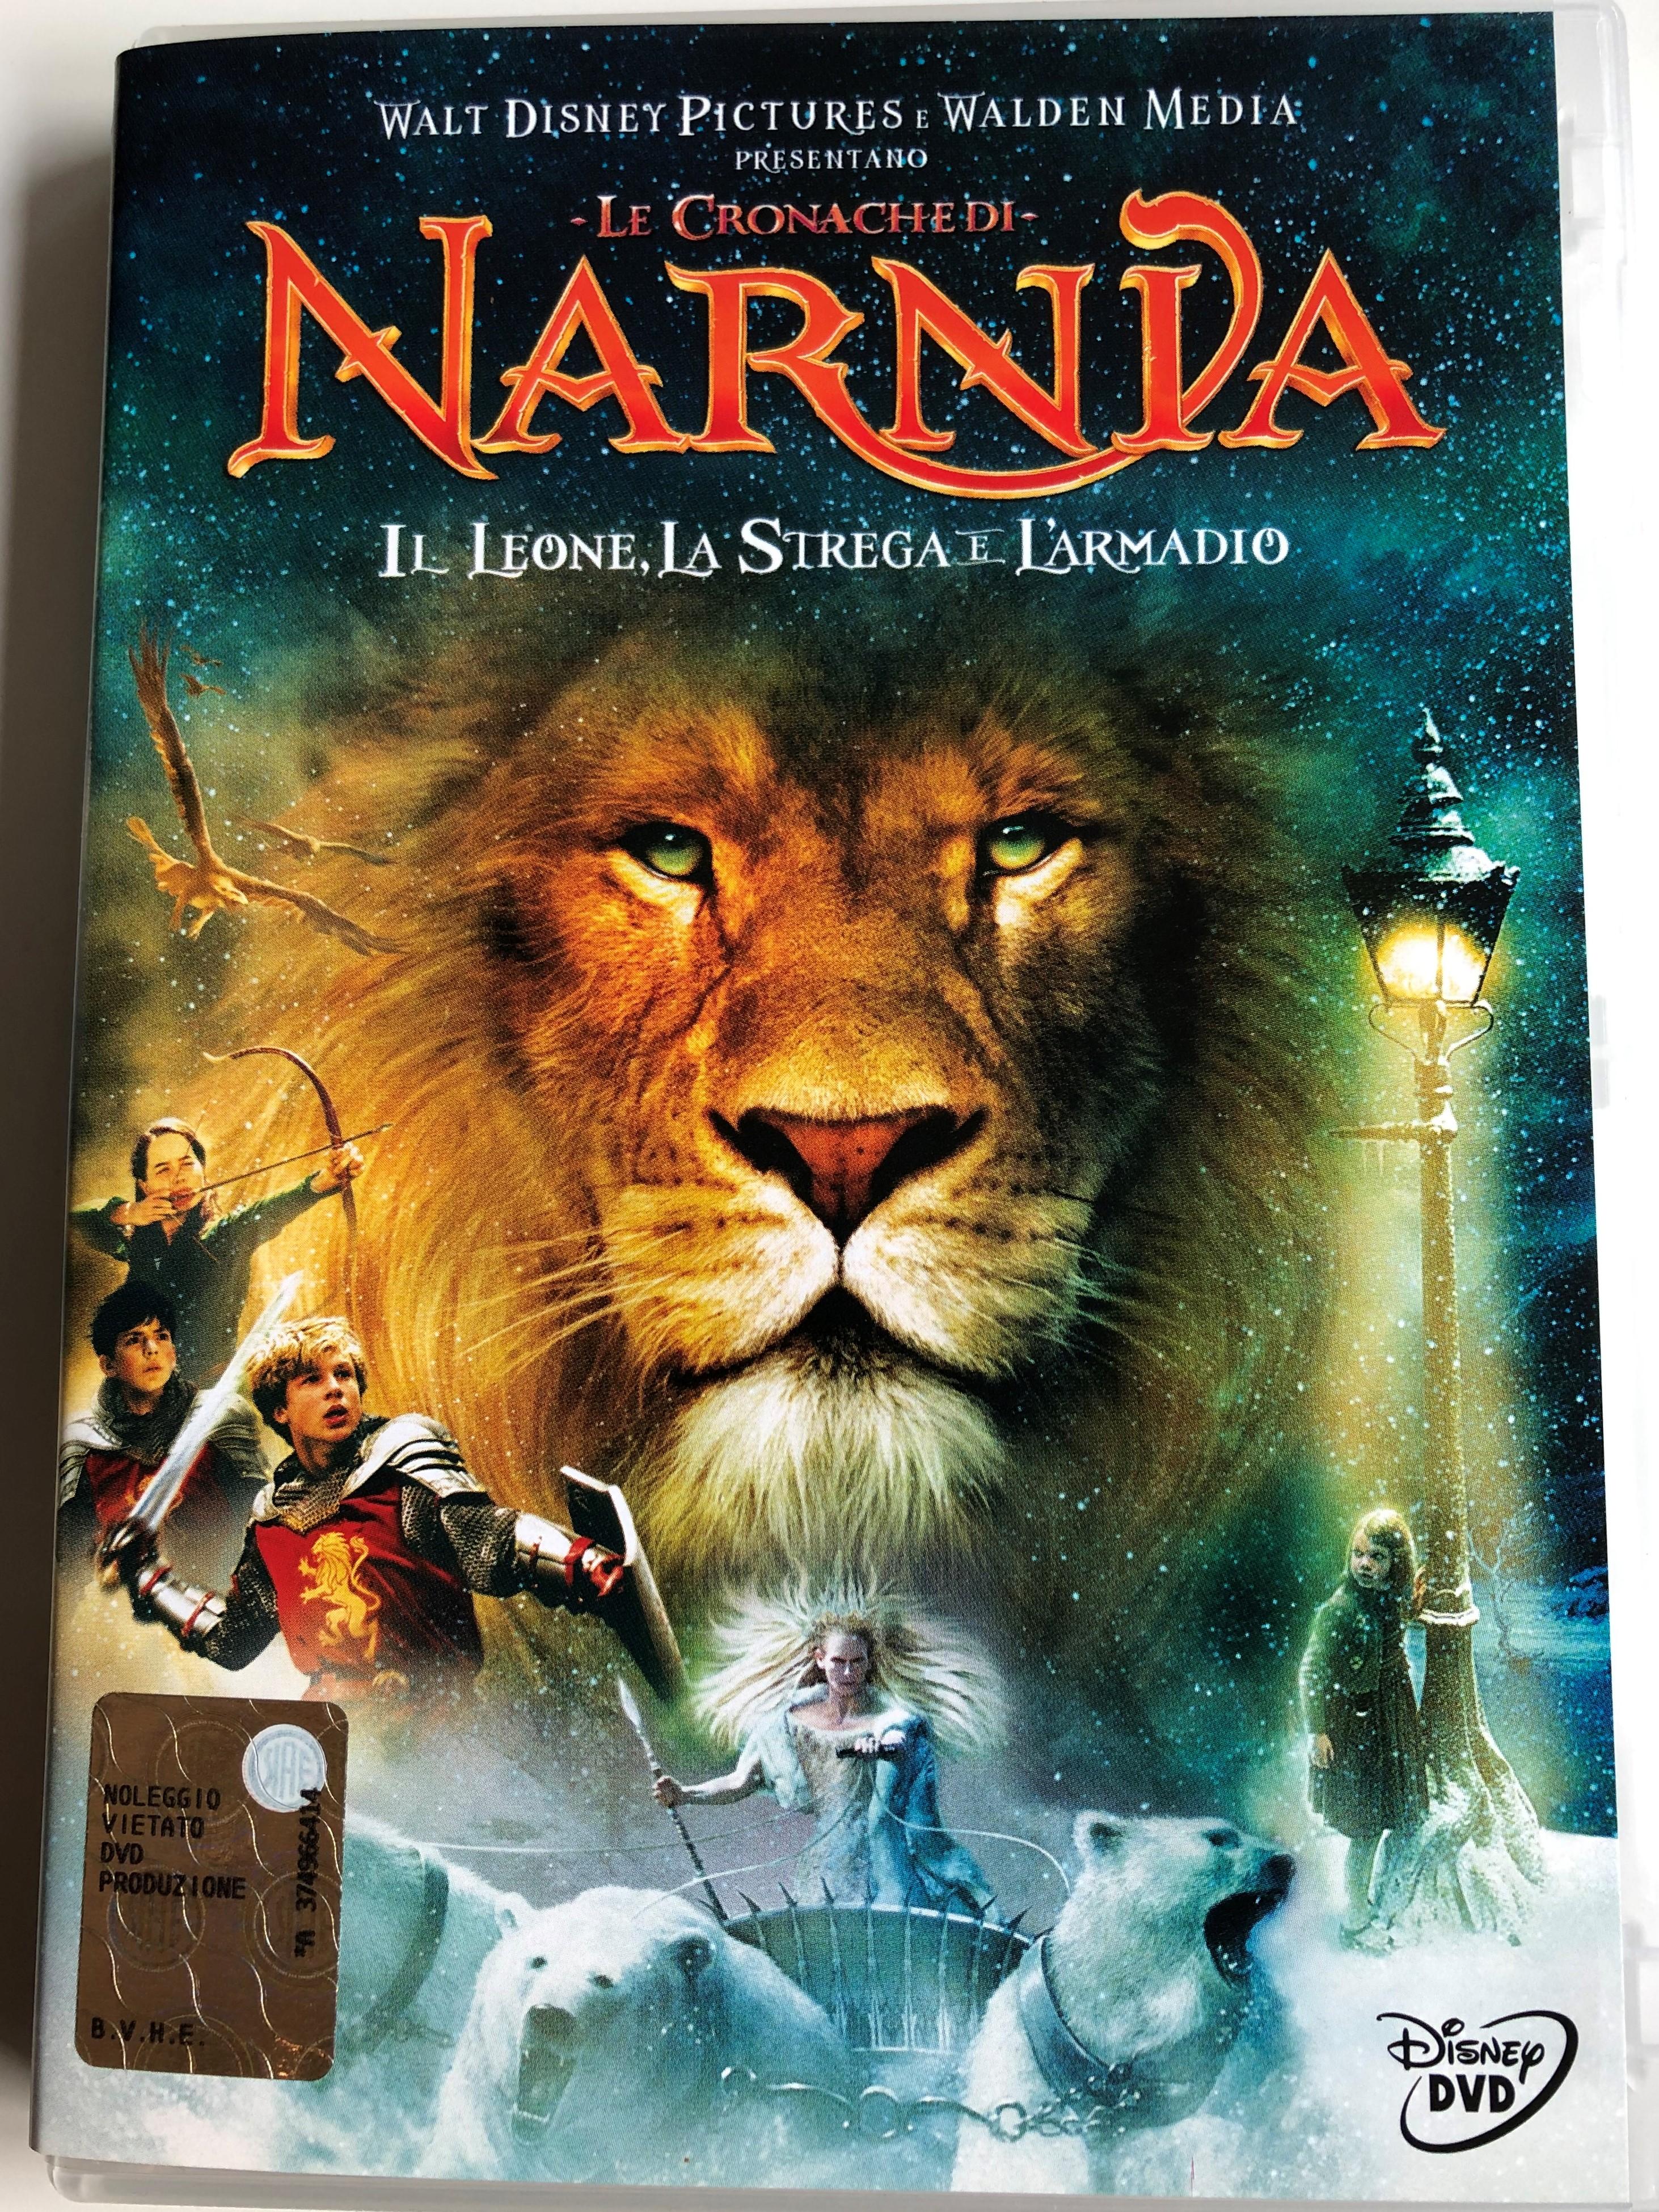 the-chronicles-of-narnia-the-lion-the-witch-and-the-wardrobe-dvd-2005-le-cronache-di-narnia-il-leone-la-strega-e-l-armadio-1.jpg